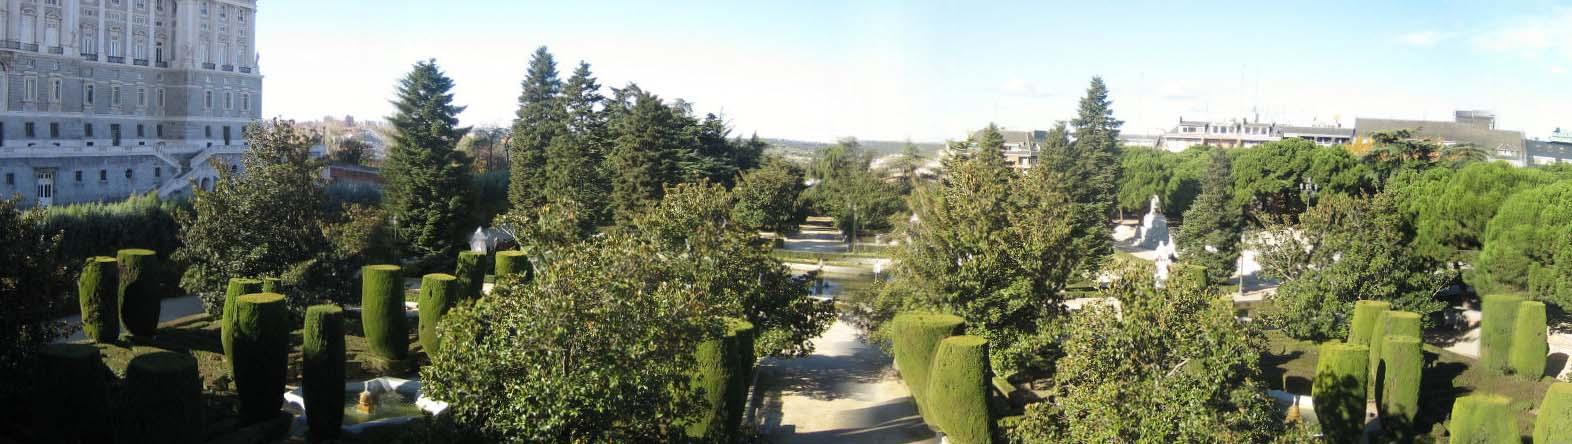 Мадрид — сады Сабатини